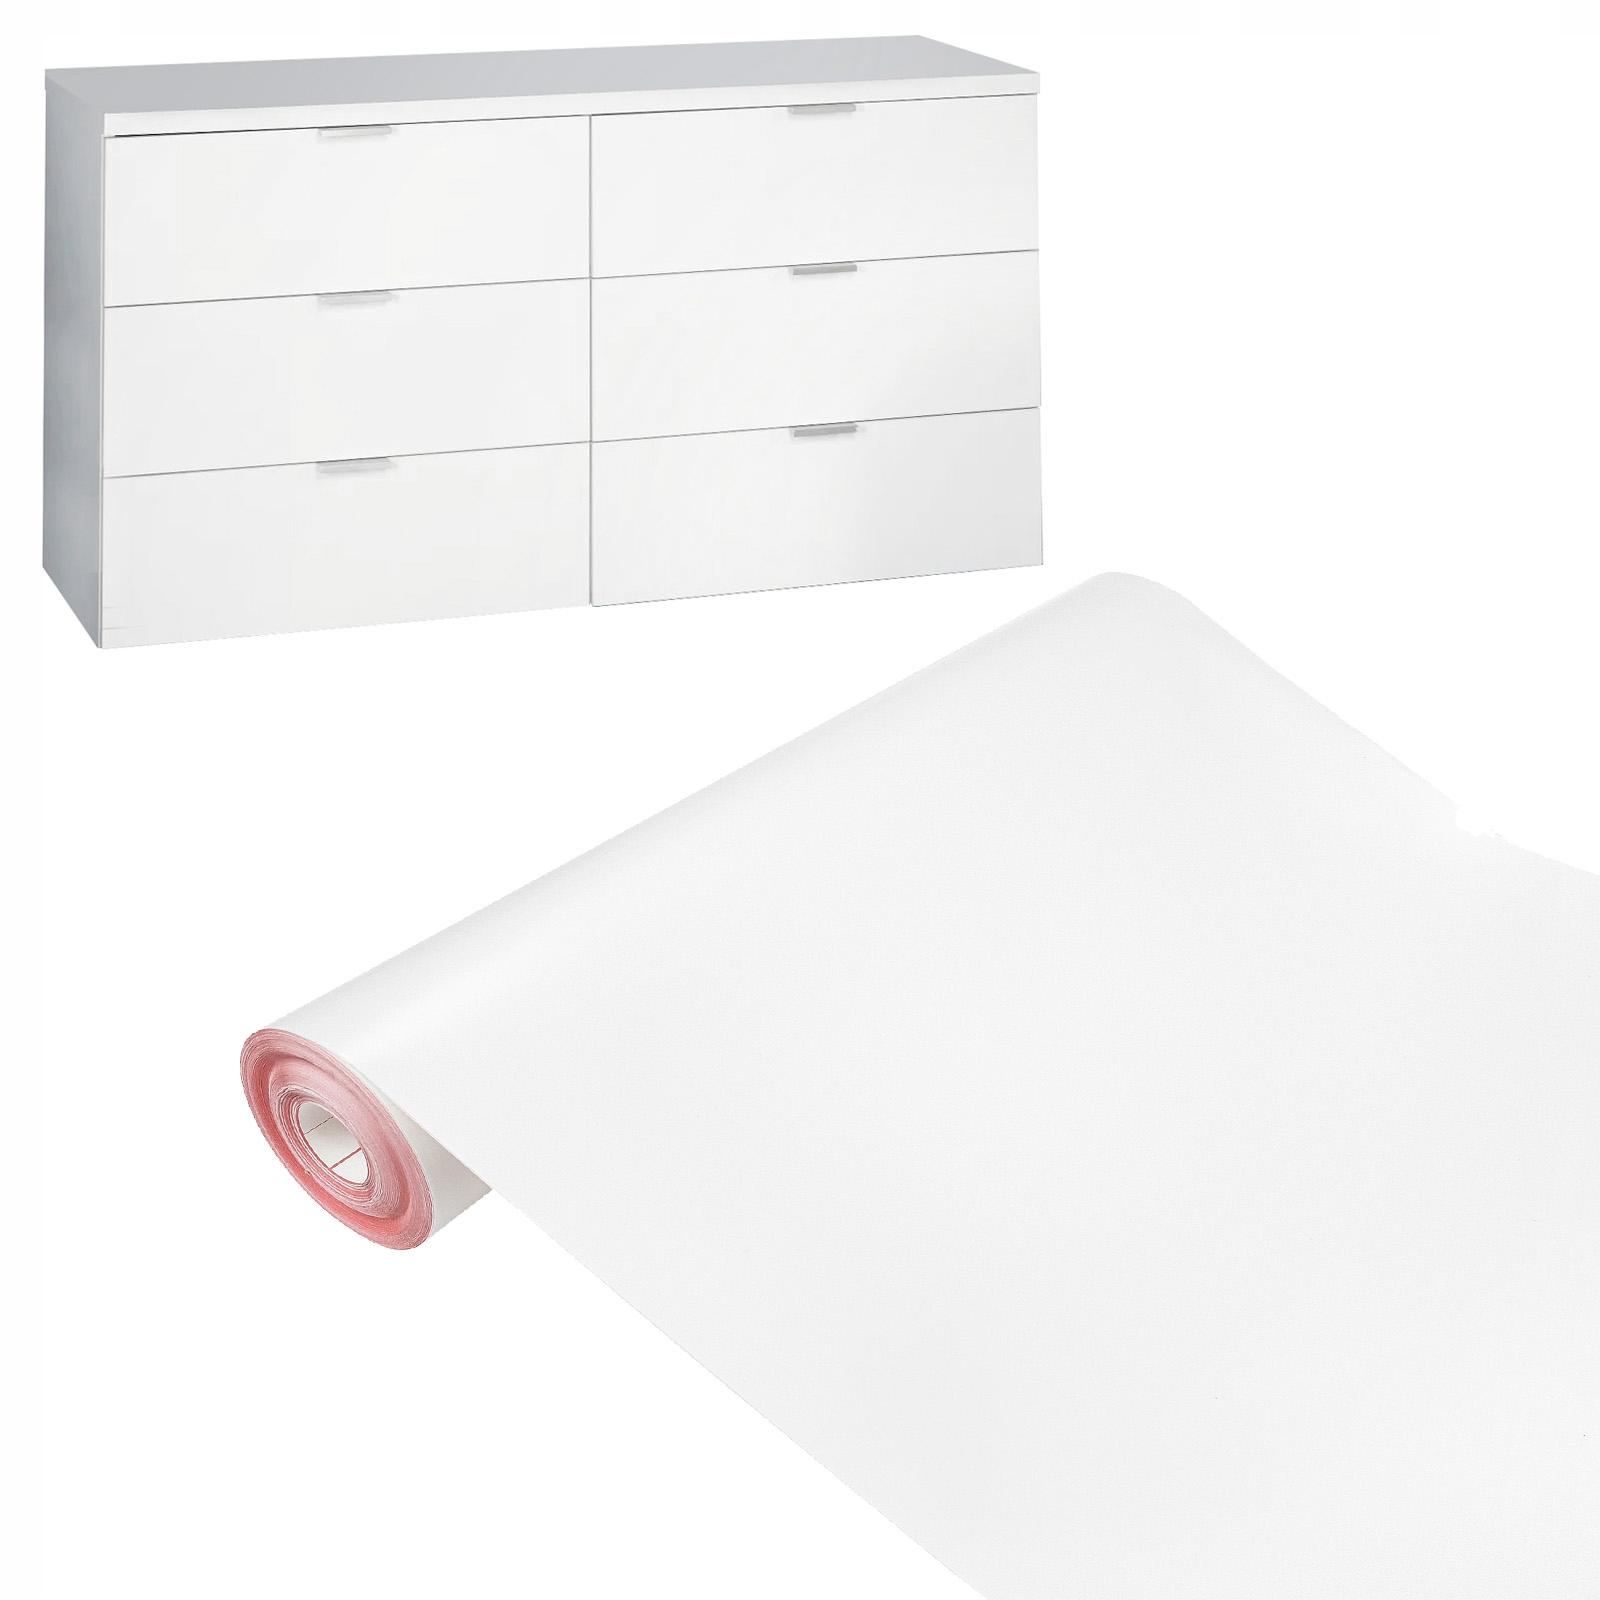 БЕЛЫЙ МАТОВЫЙ 45x50 F47 мебельный шпон пленка